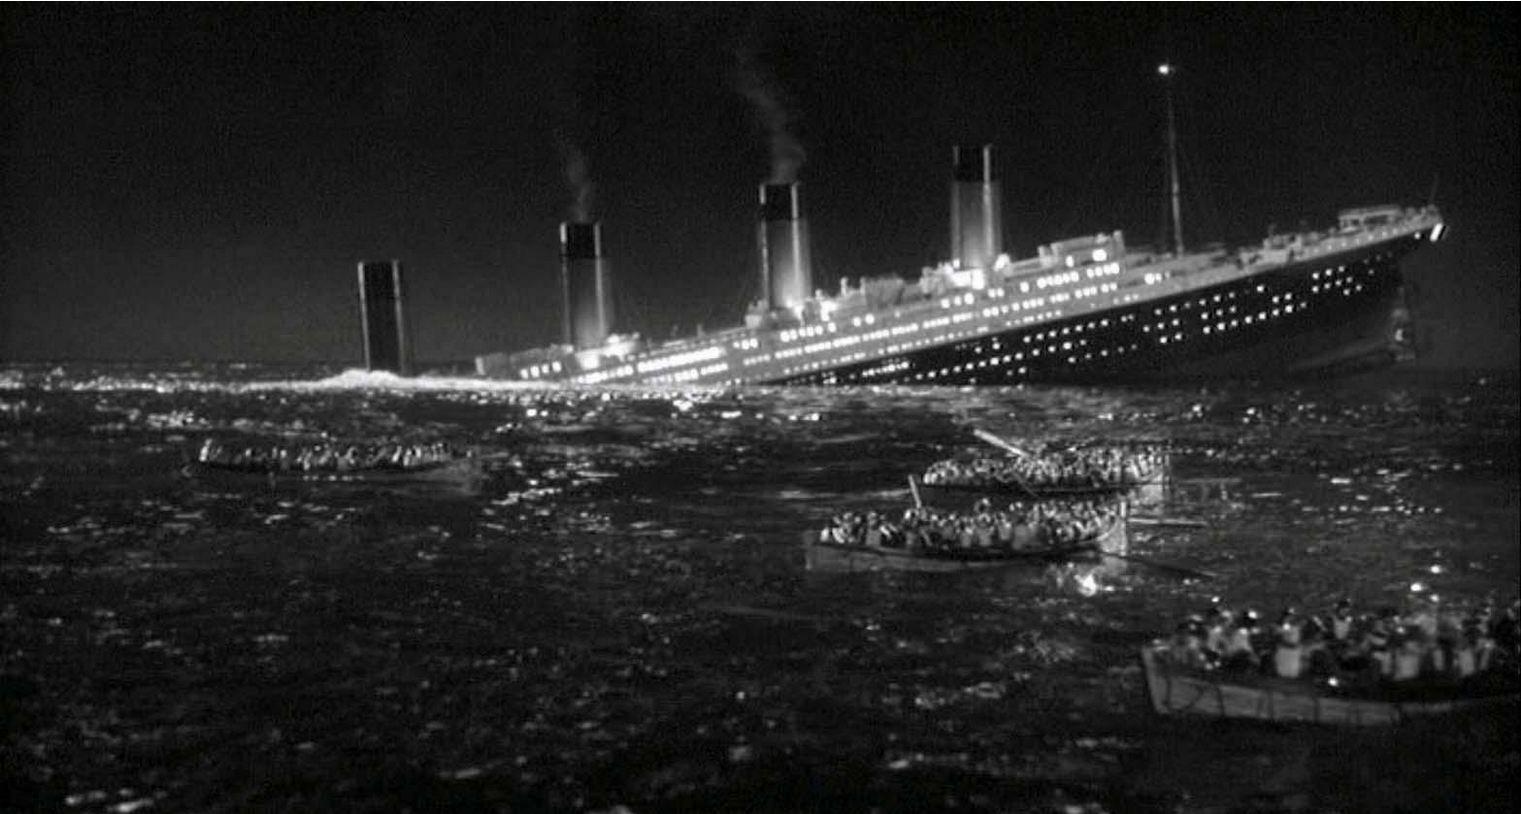 The RMS Titanic sinks in TITANIC (1943)